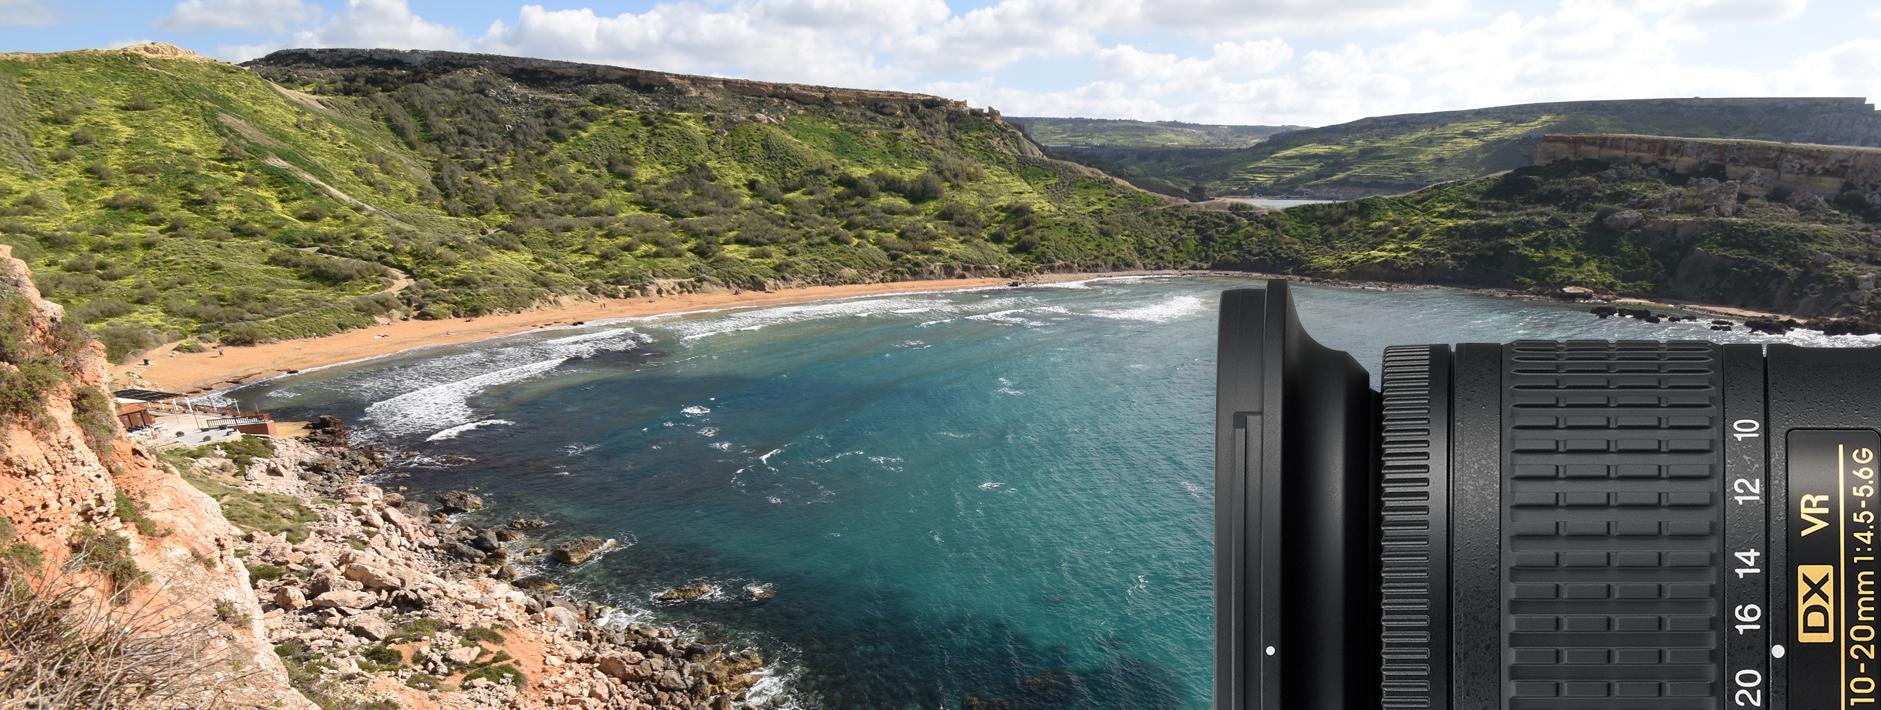 Nikon AF-P DX NIKKOR 10-20mm f/4.5-5.6G VR: Amazon.es: Electrónica